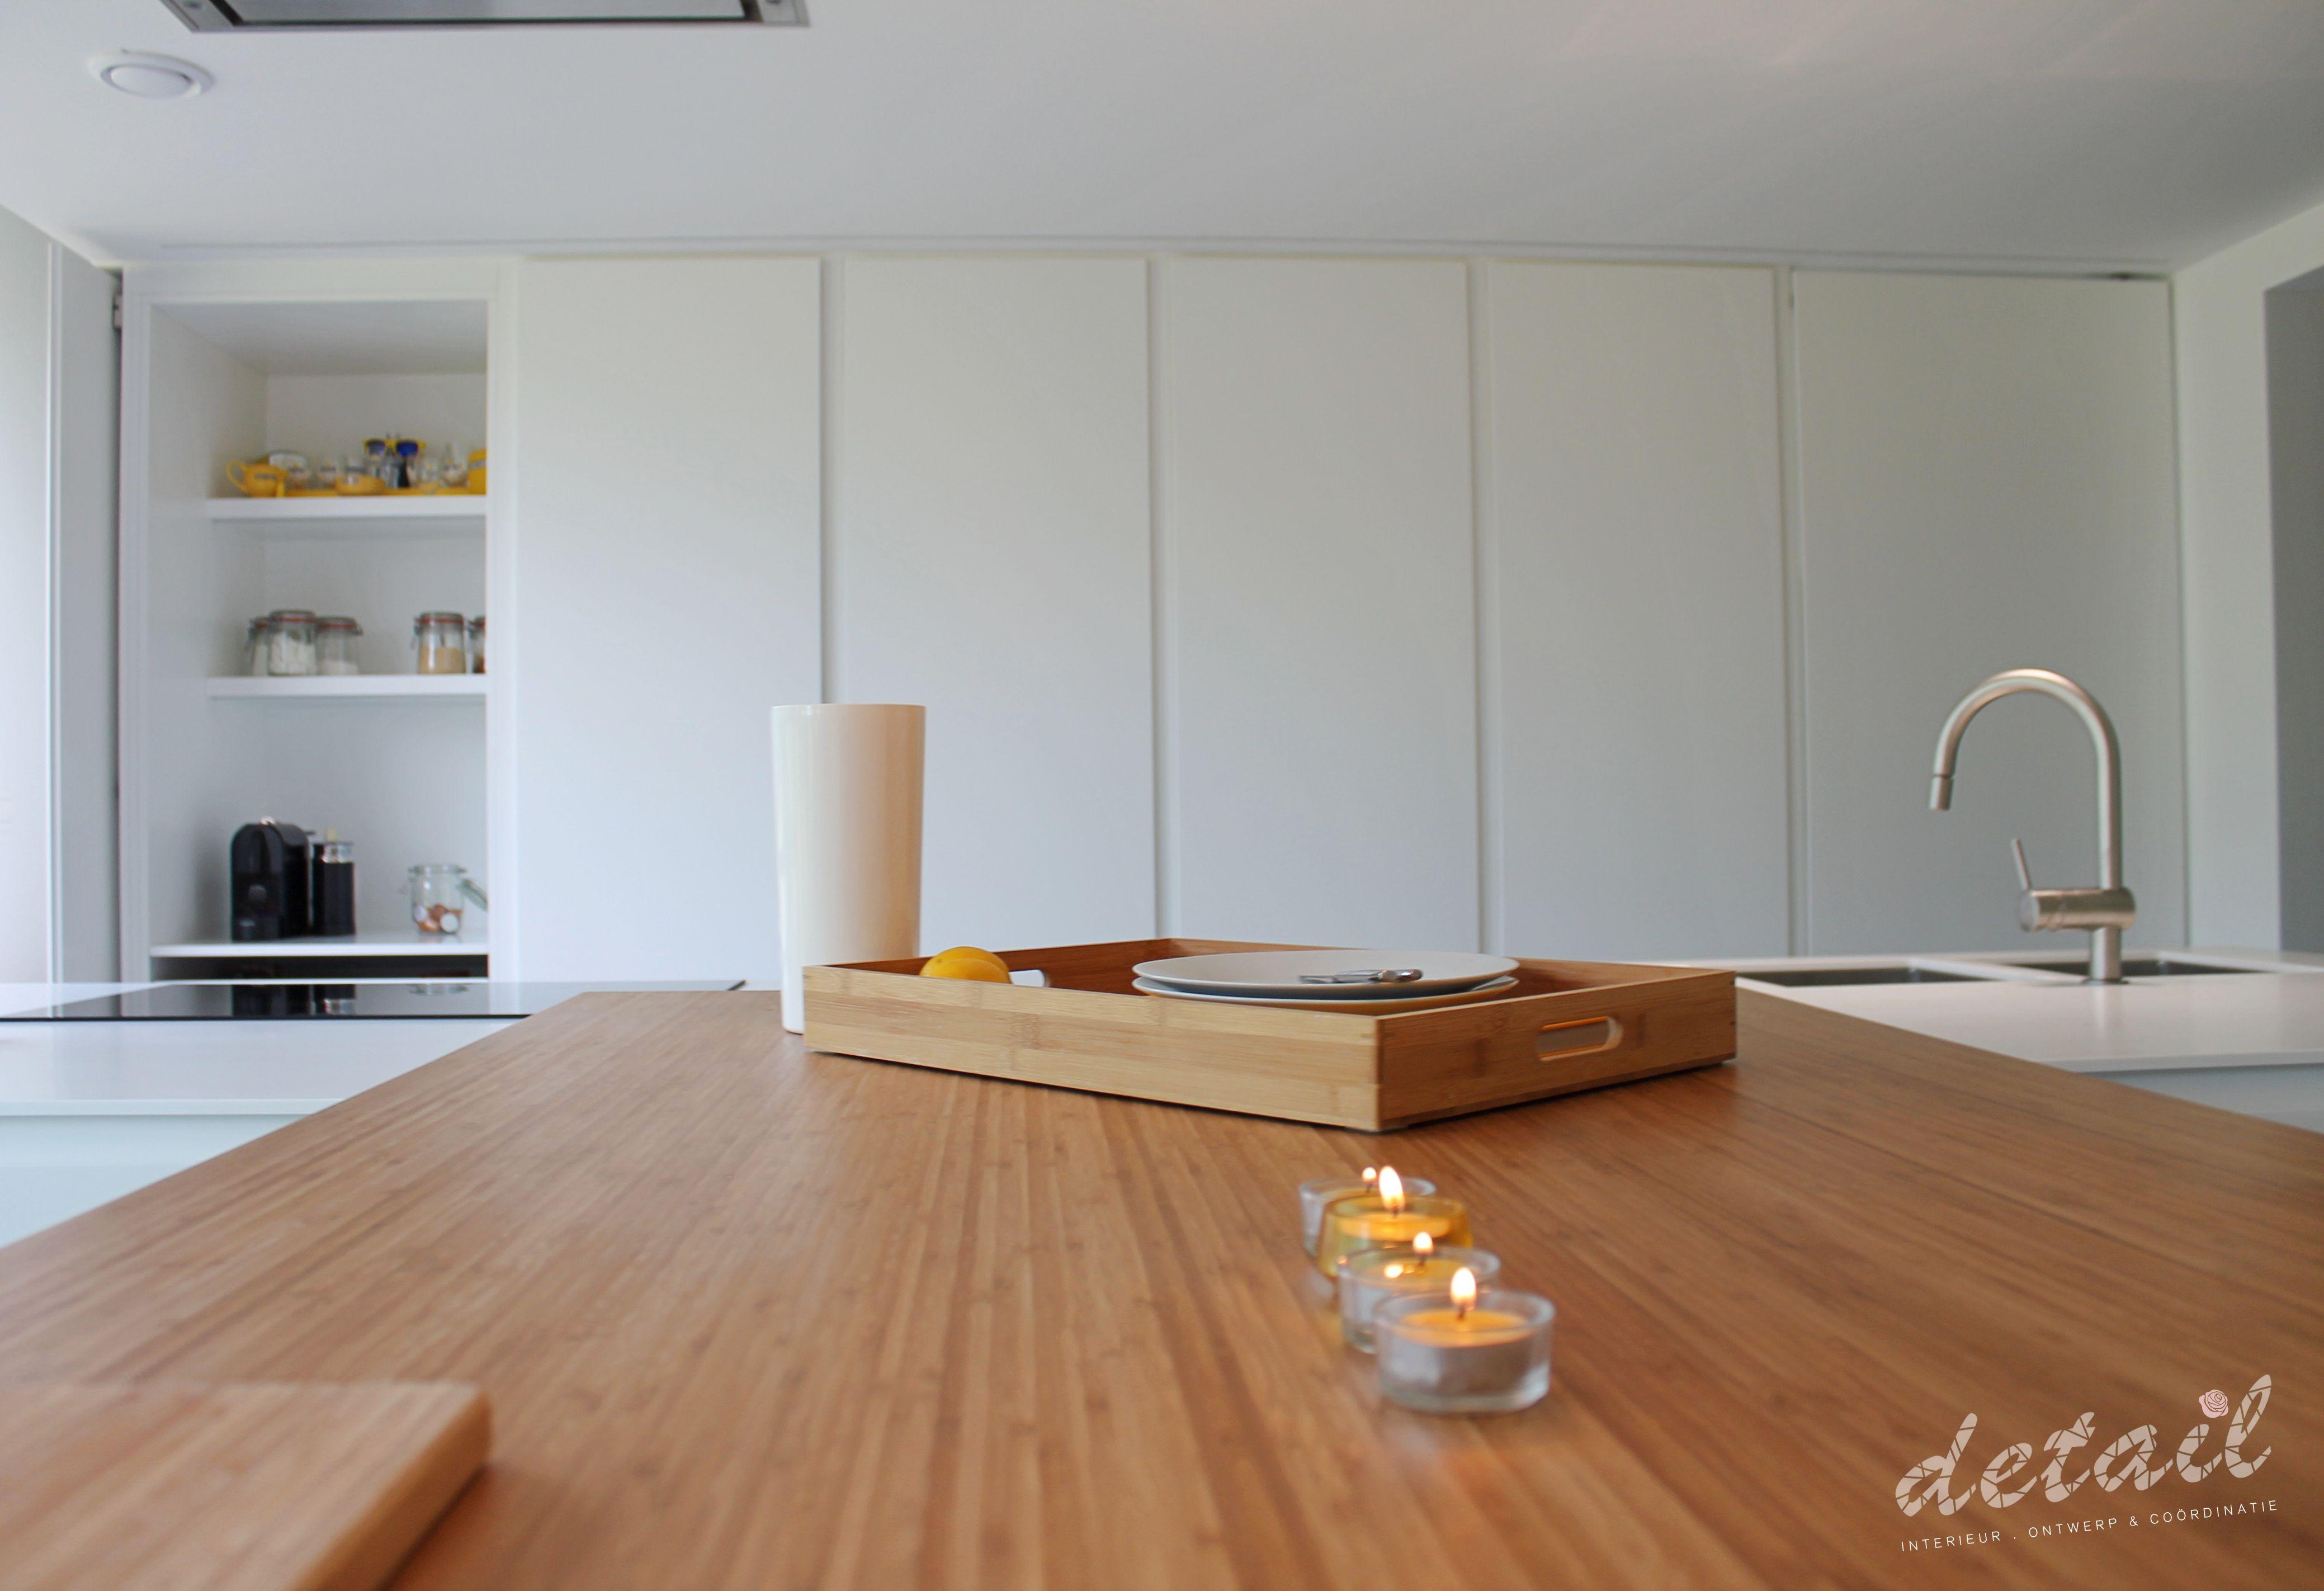 Moderne keuken met hout accent keuken modern interieurontwerp